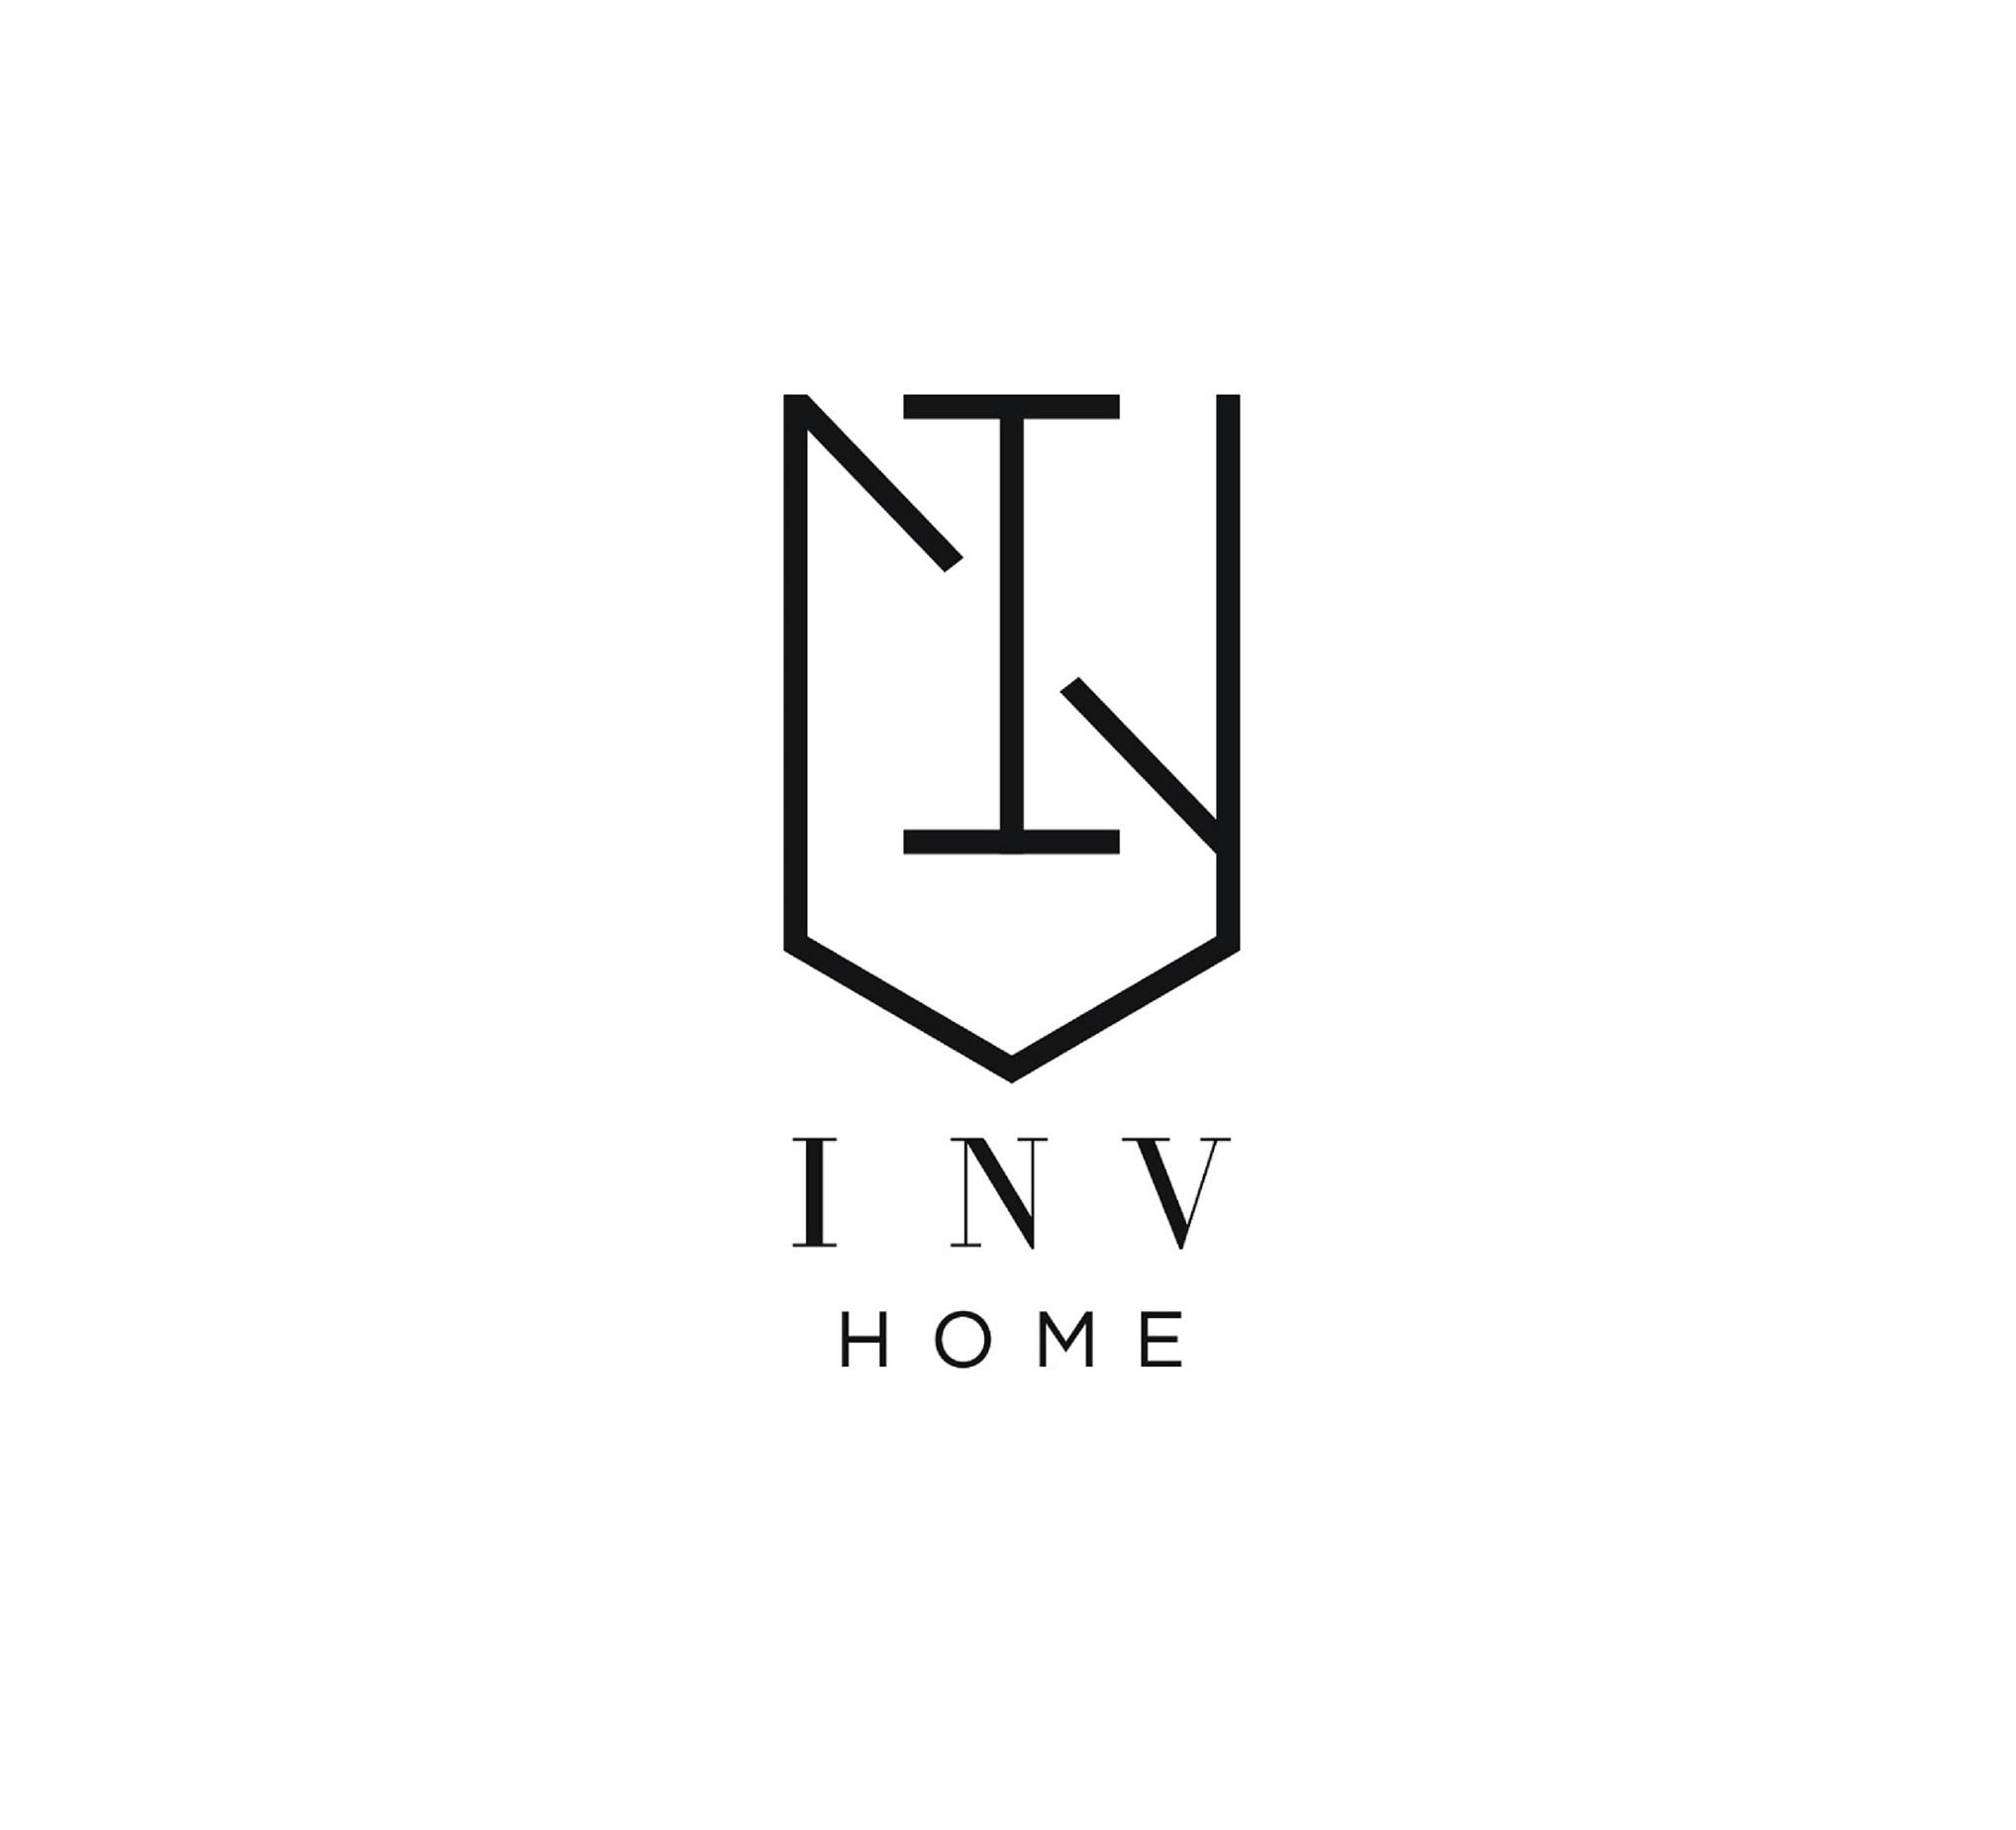 INV Home